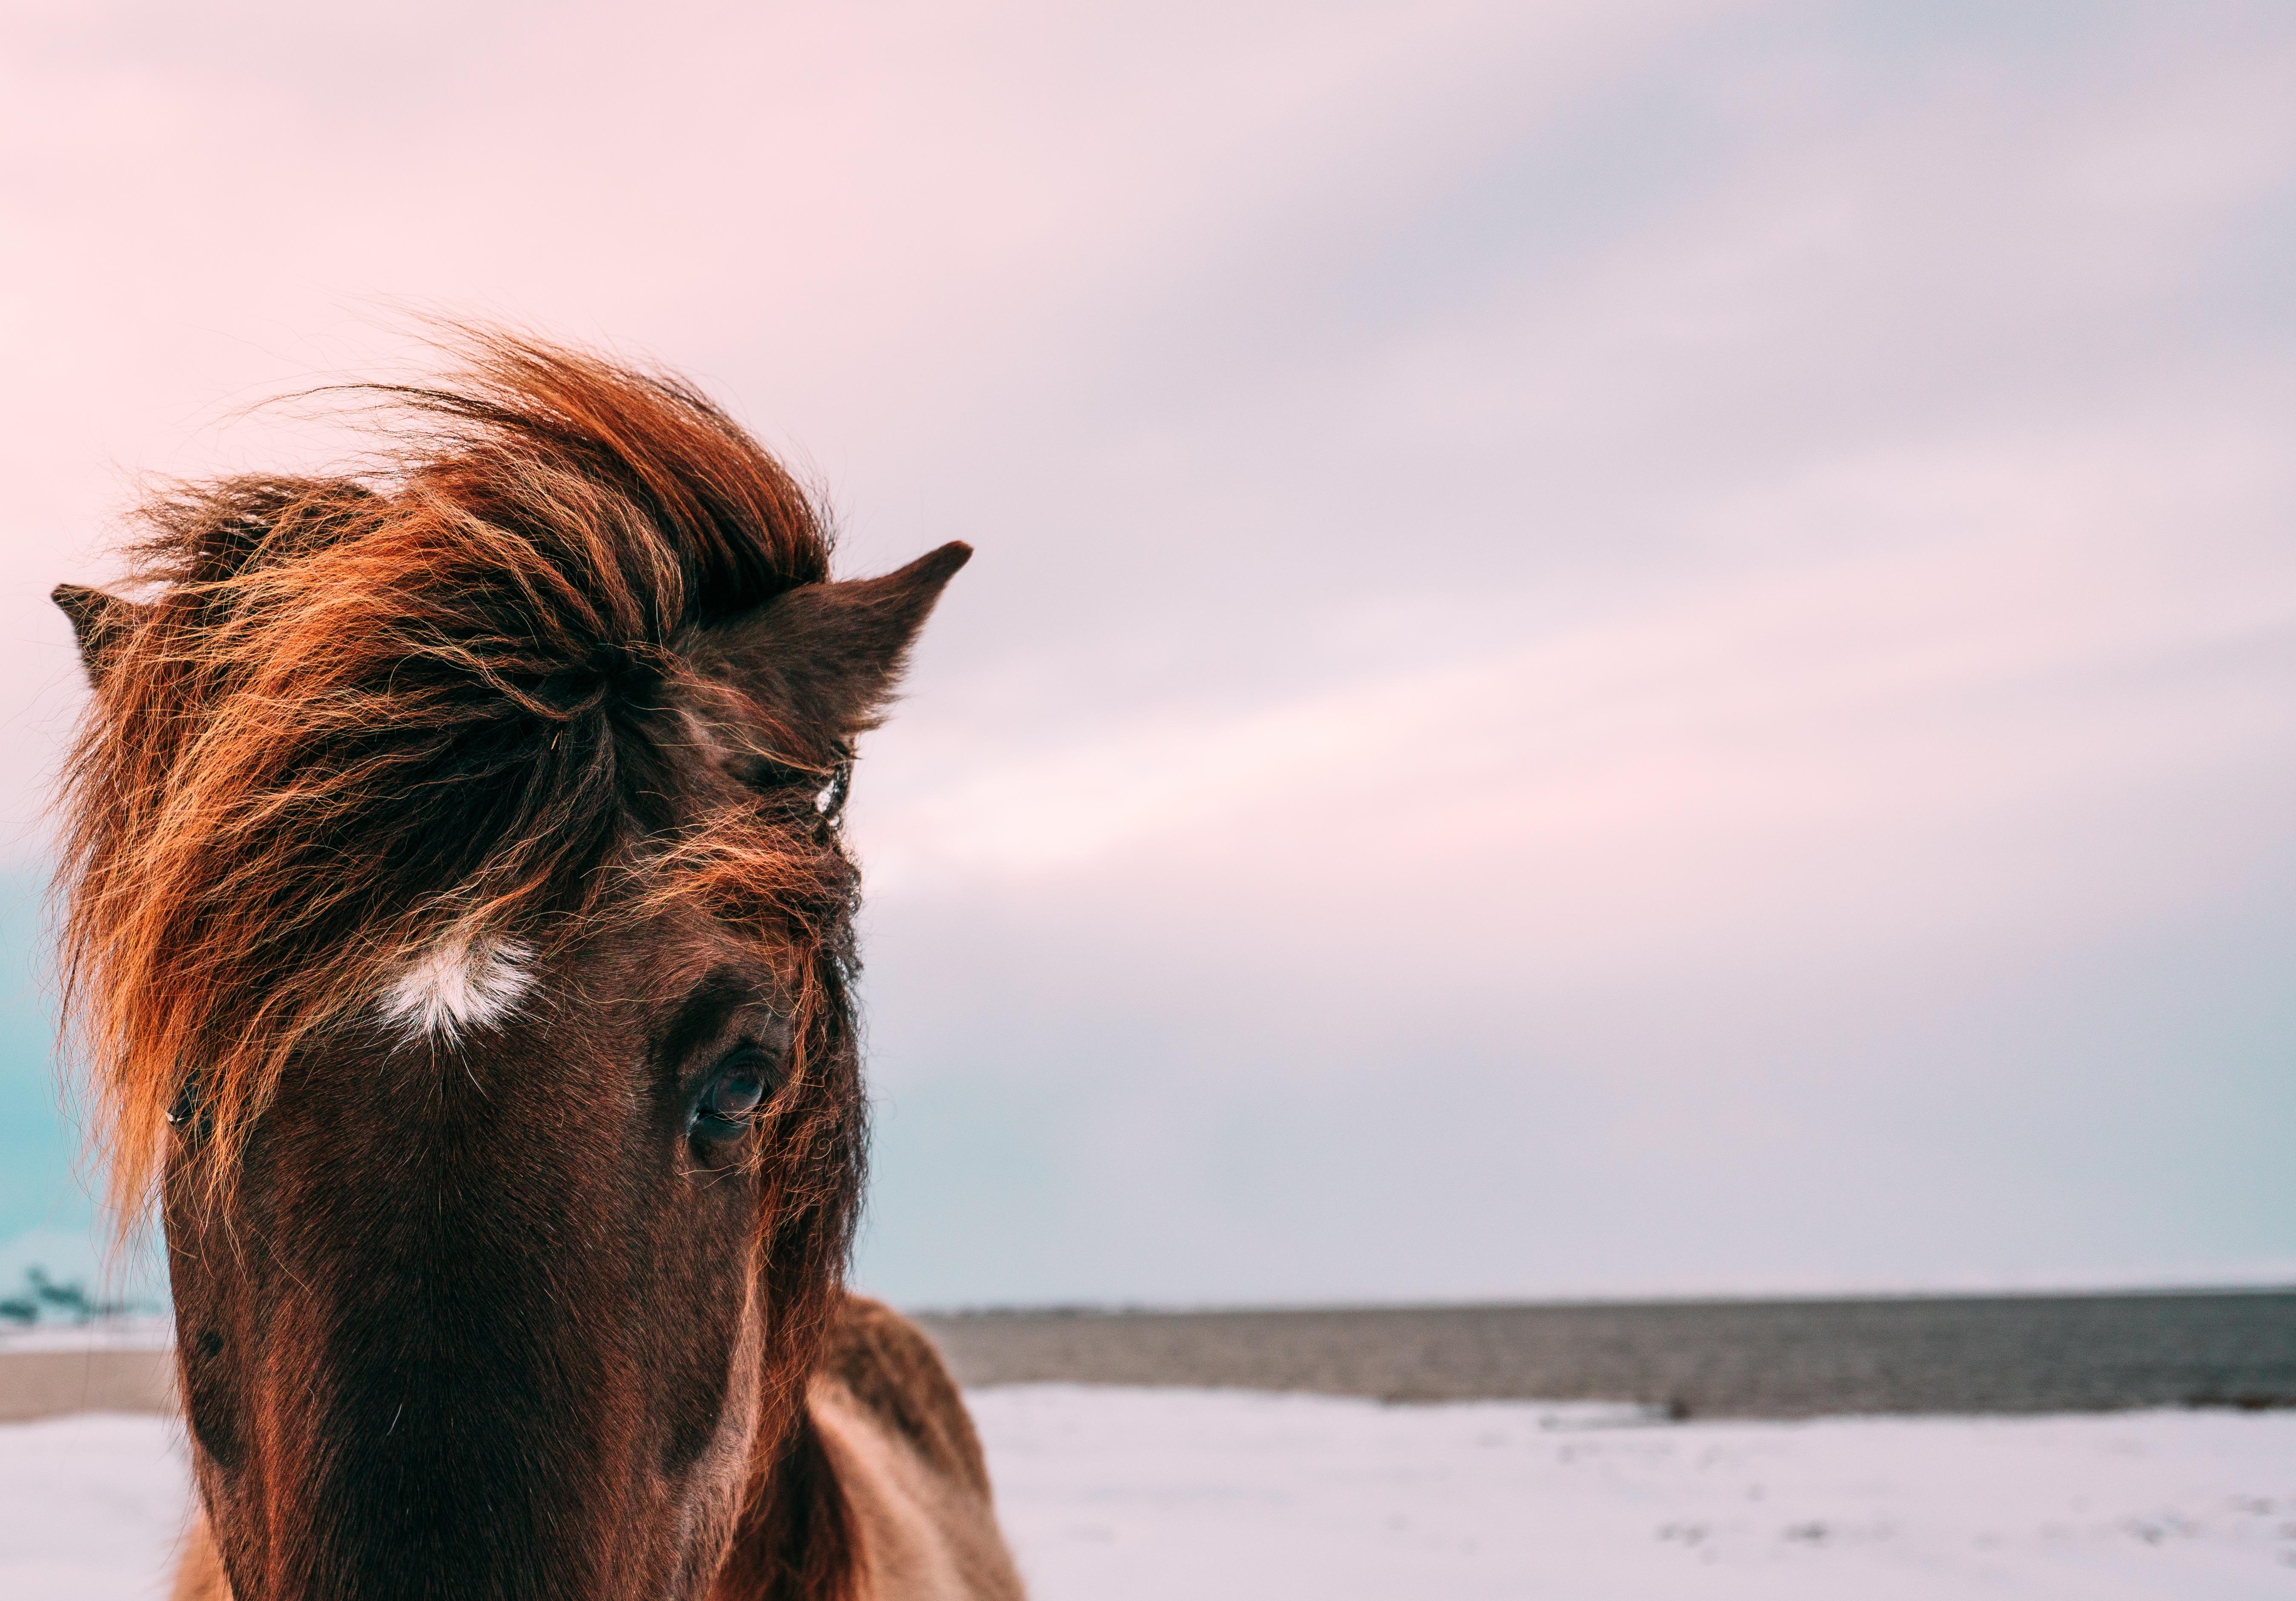 foto de Images Gratuites : animal, Photographie d'animaux, fermer, Hd fond ...